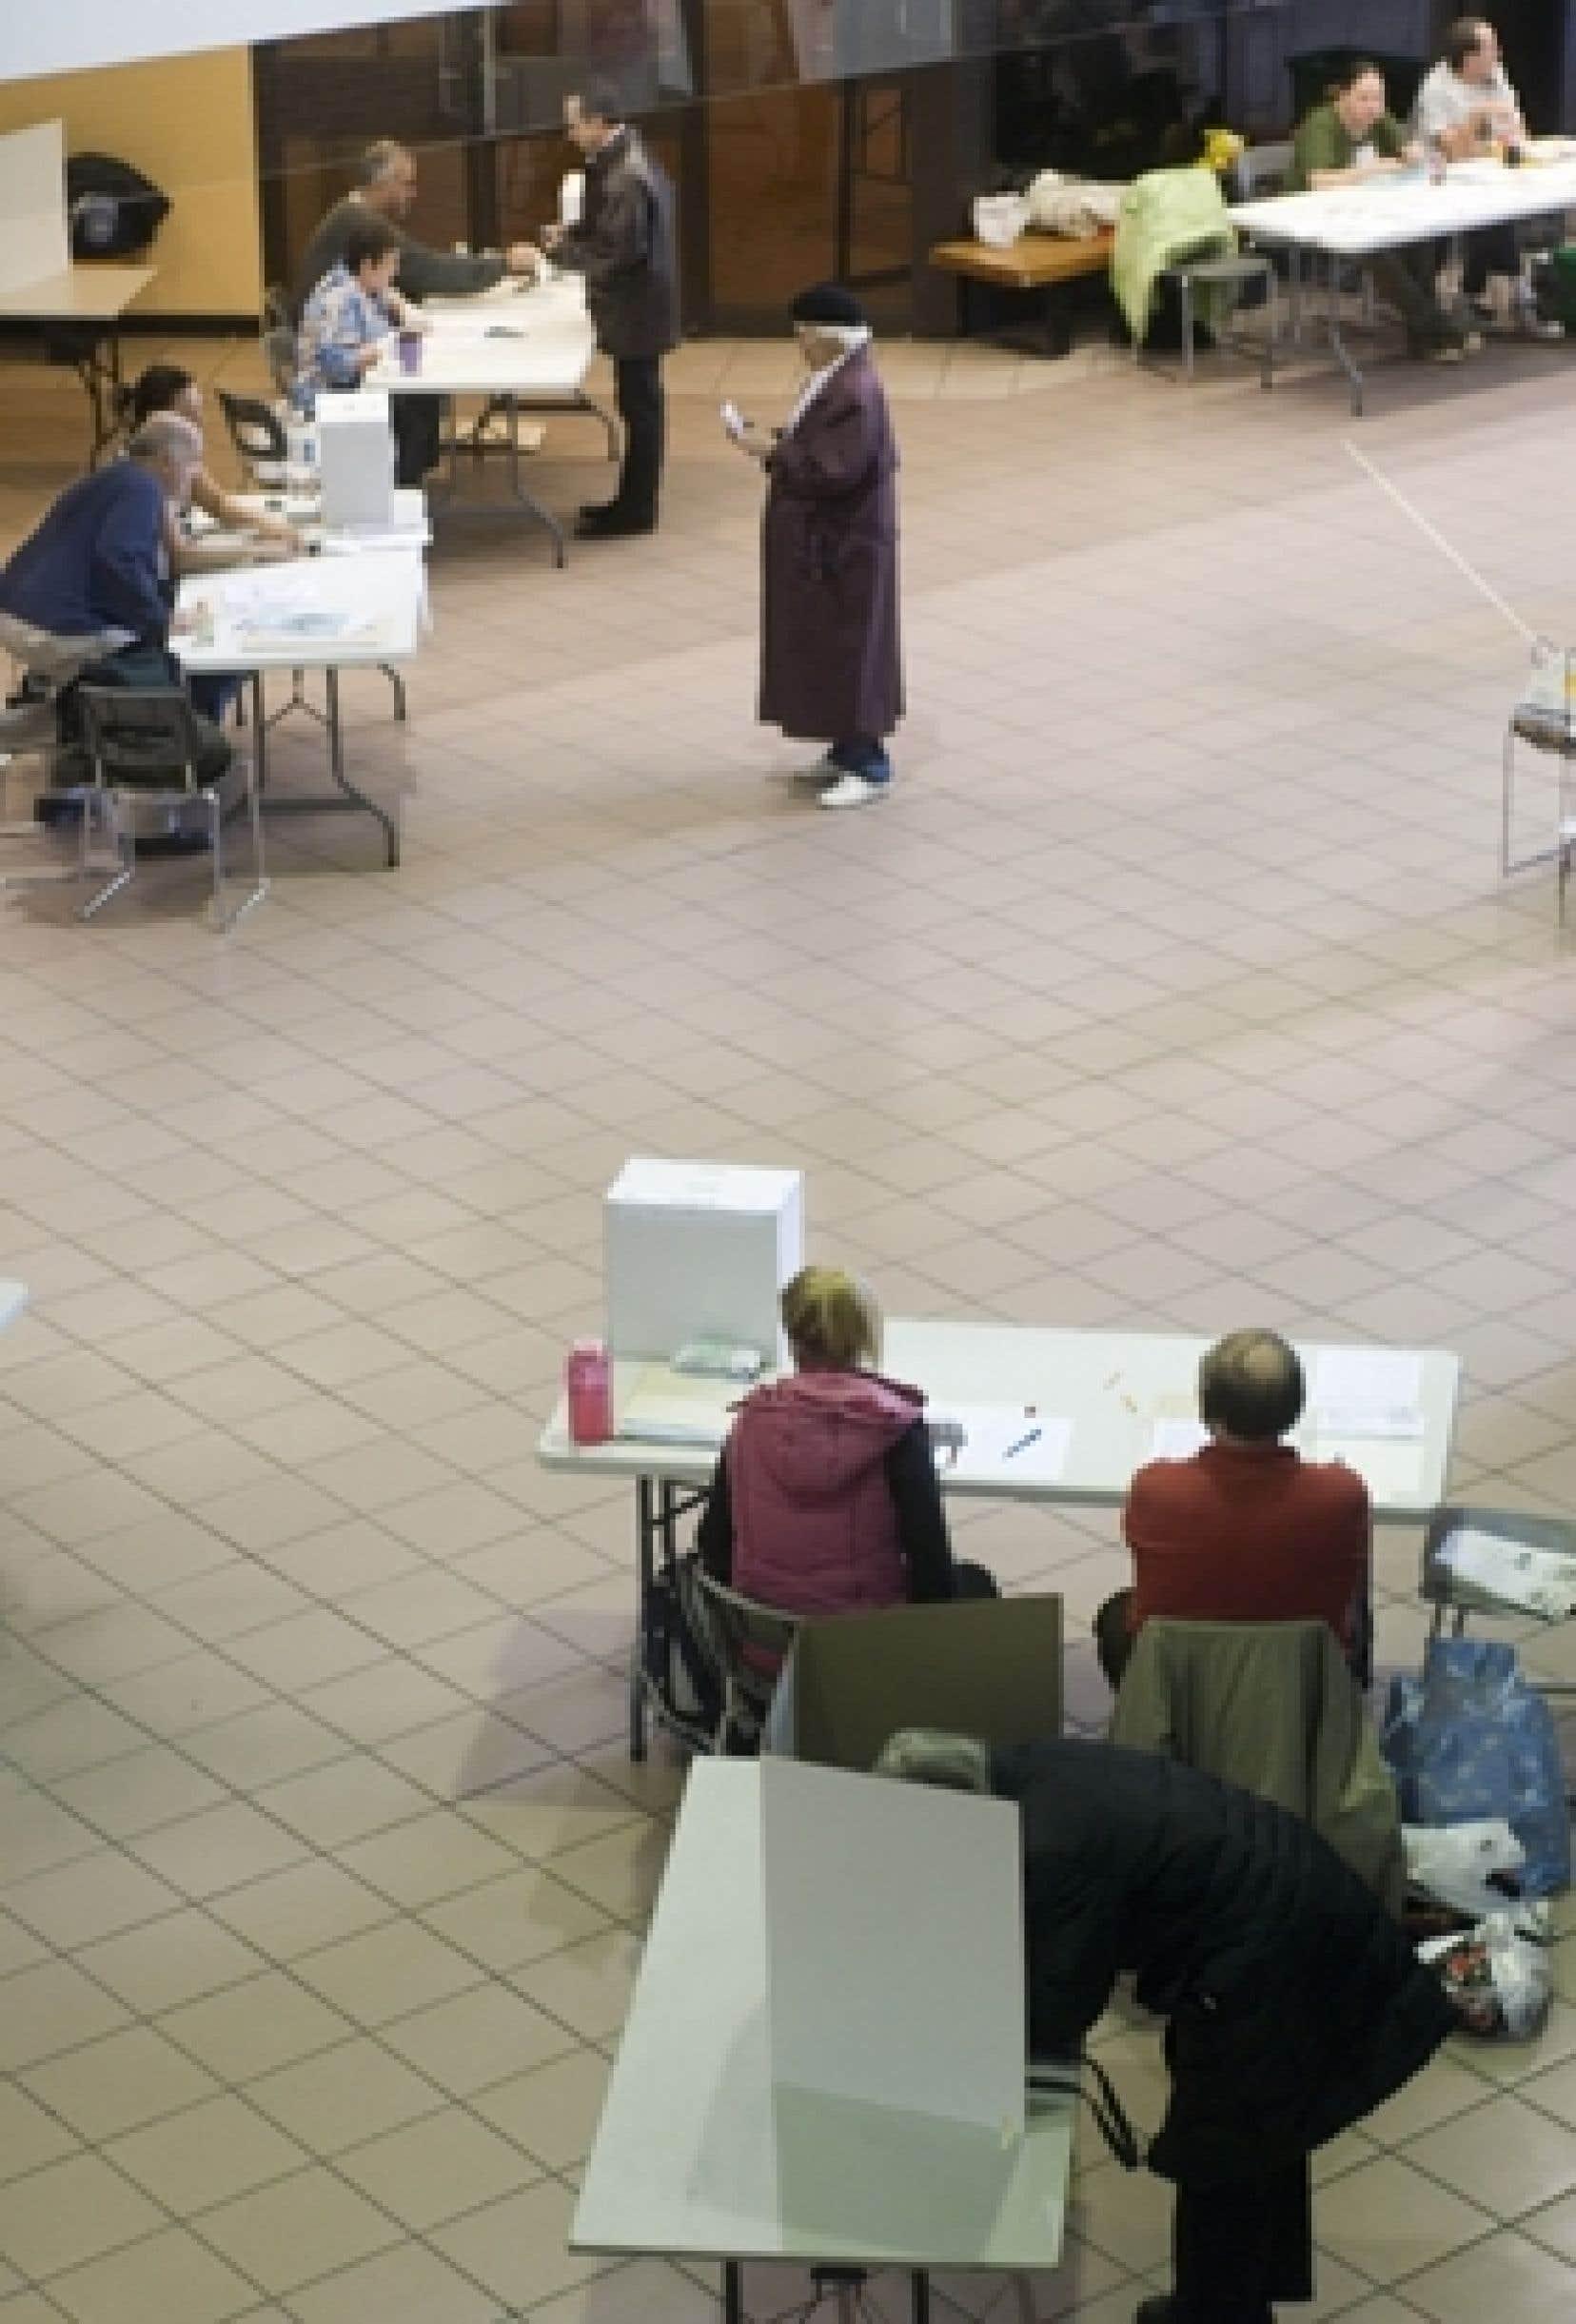 Le taux de participation aux élections scolaires n'a été que de 7,7 %.